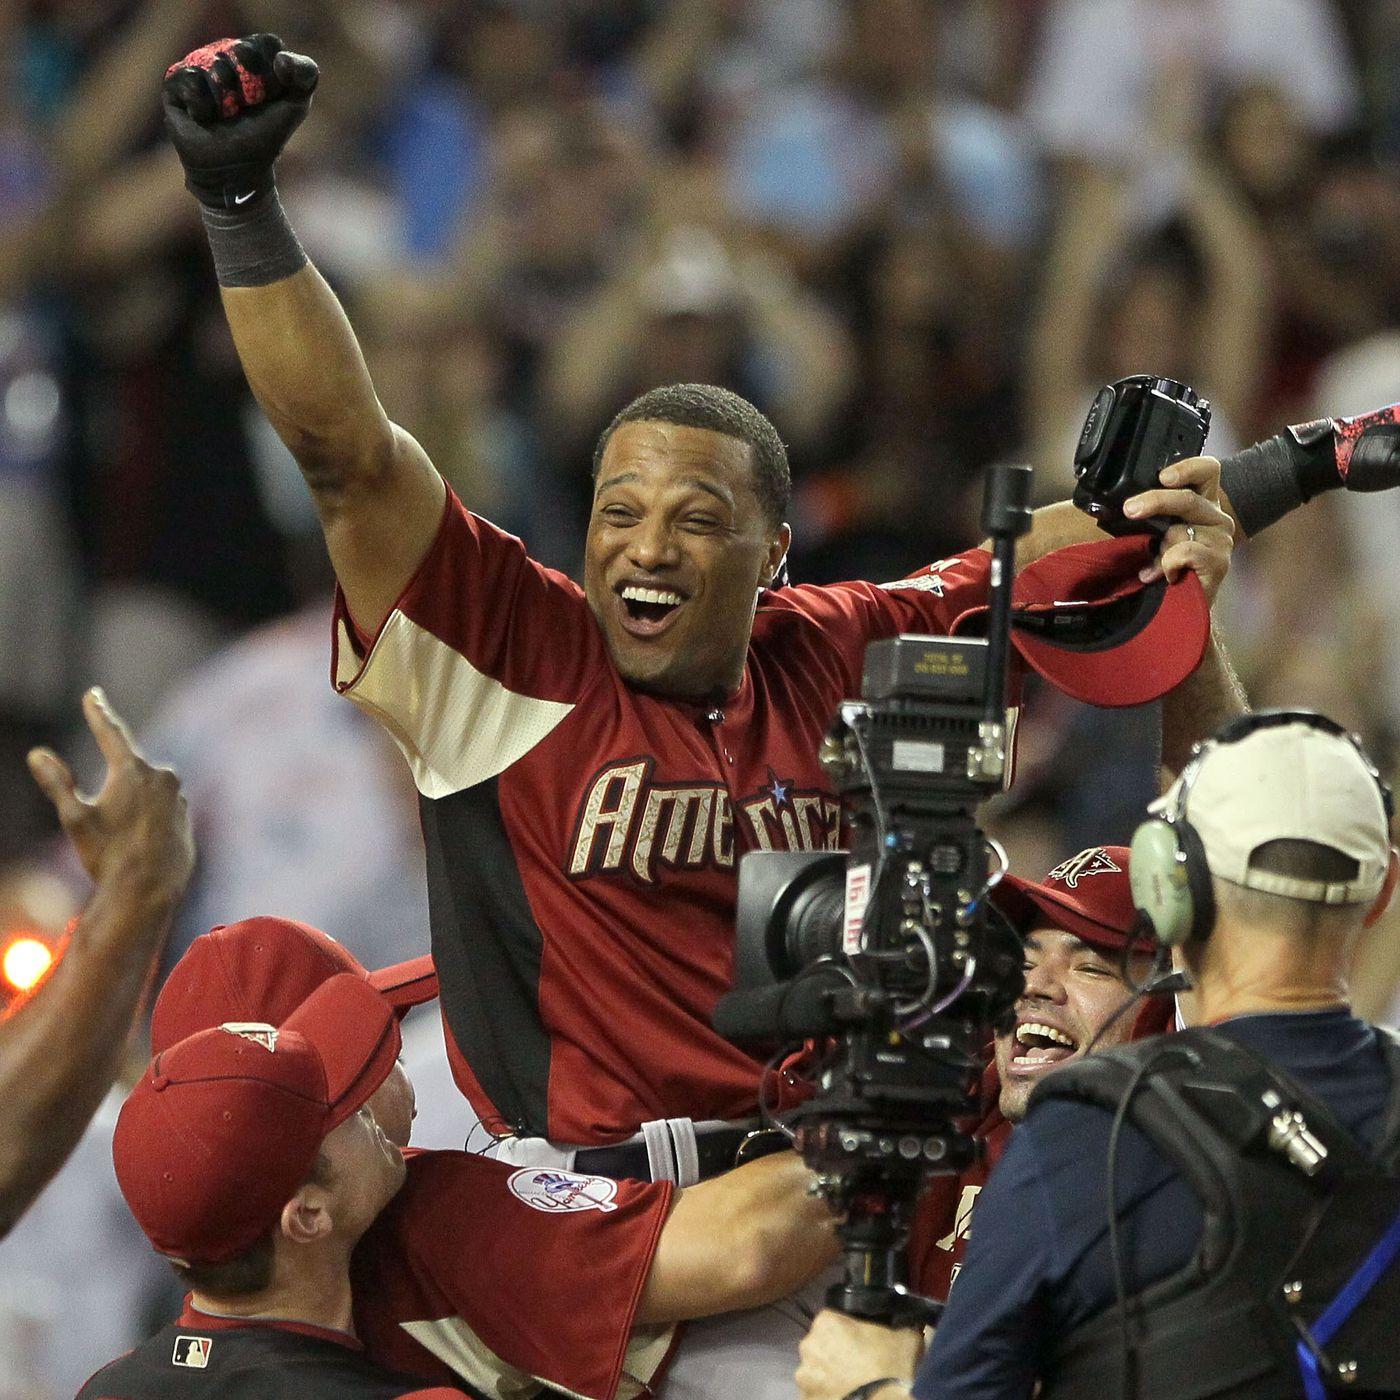 Robinson Cano wins the Home Run Derby ...